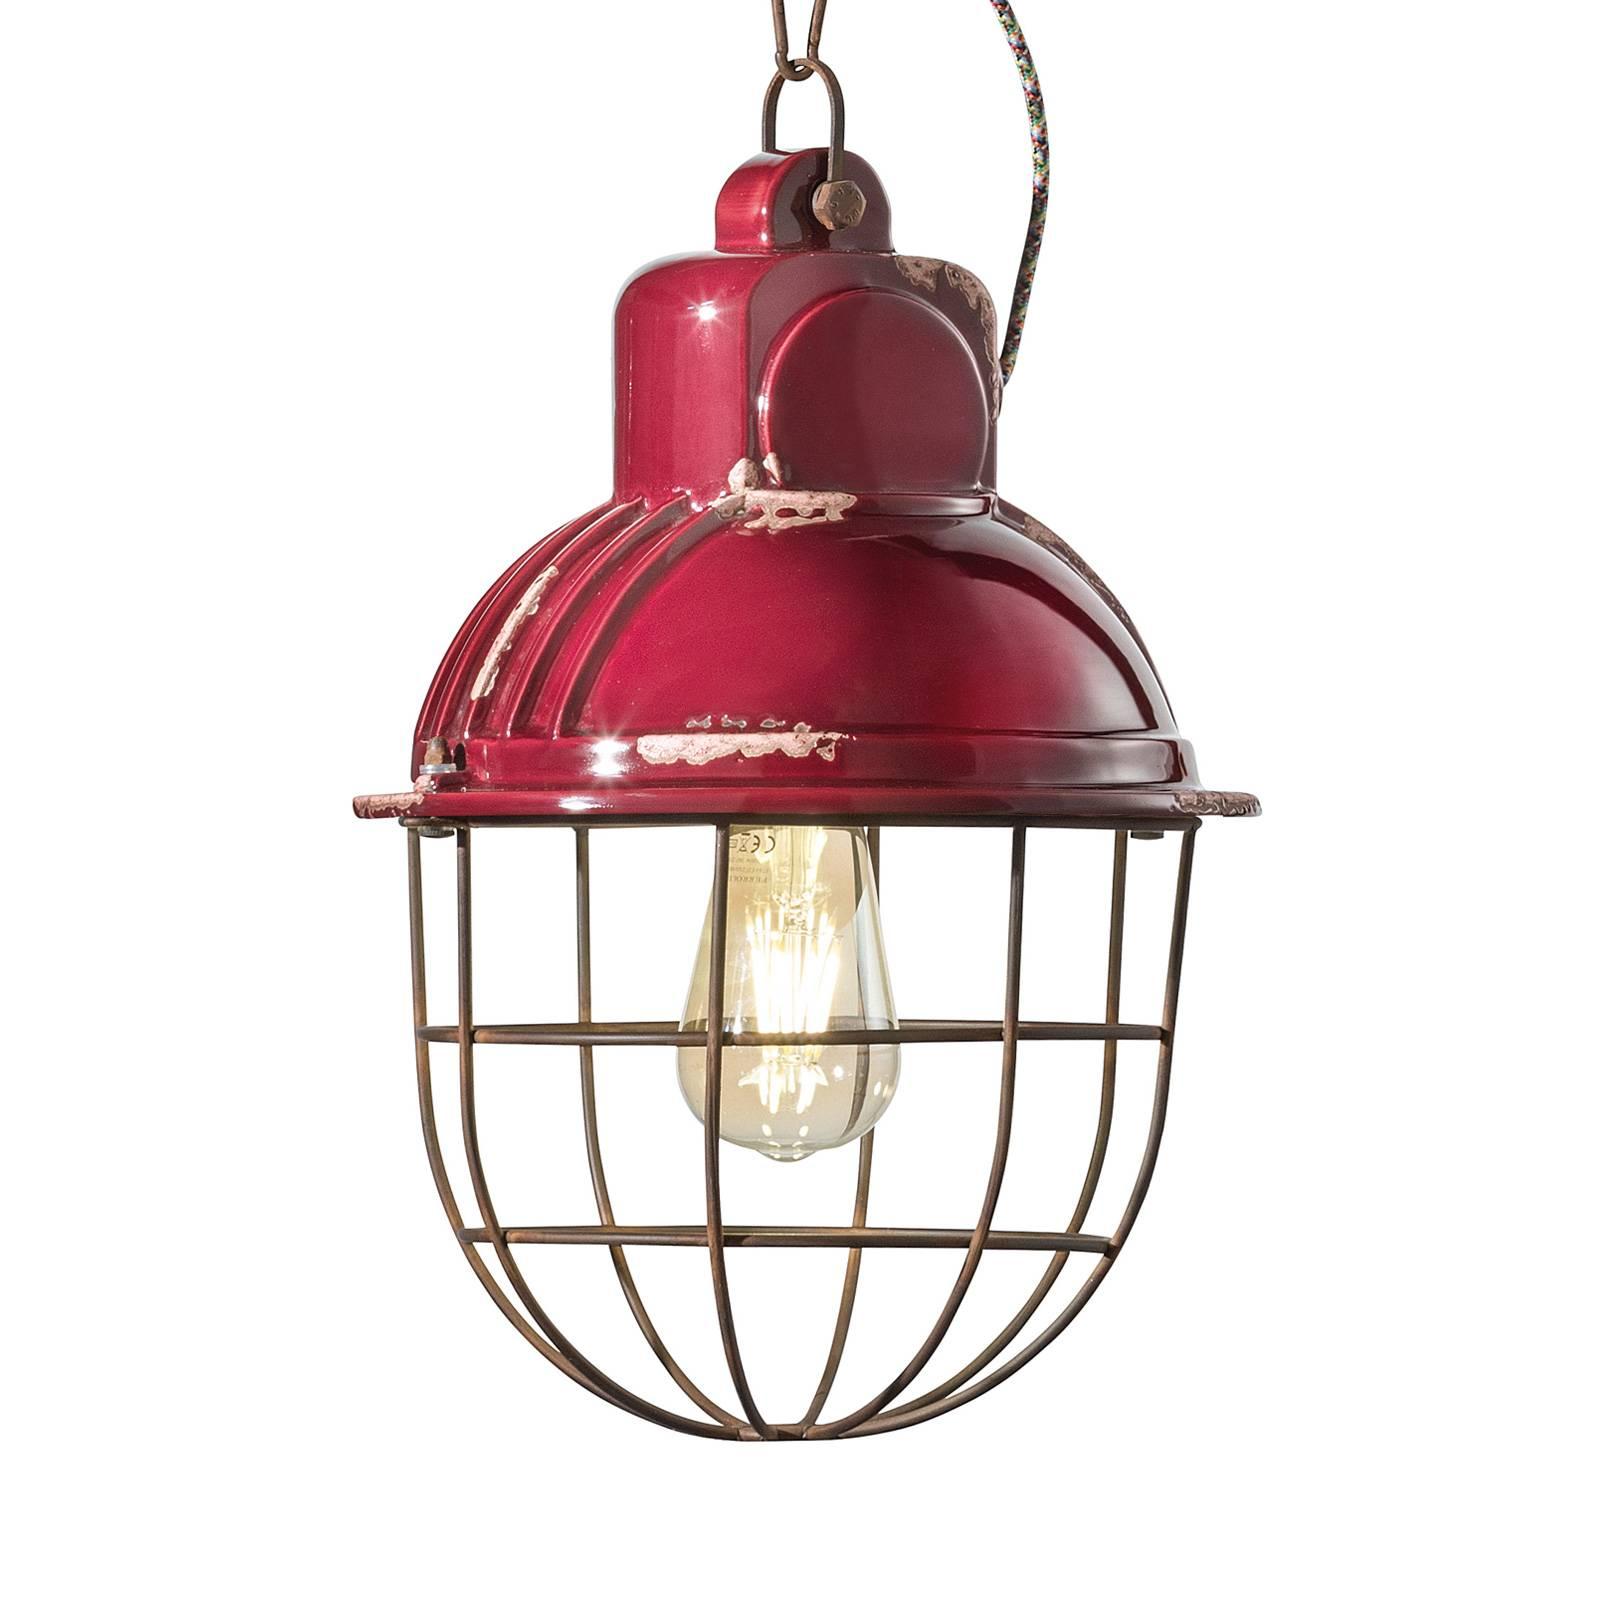 Hanglamp C1770 in industrieel ontwerp, bordeaux